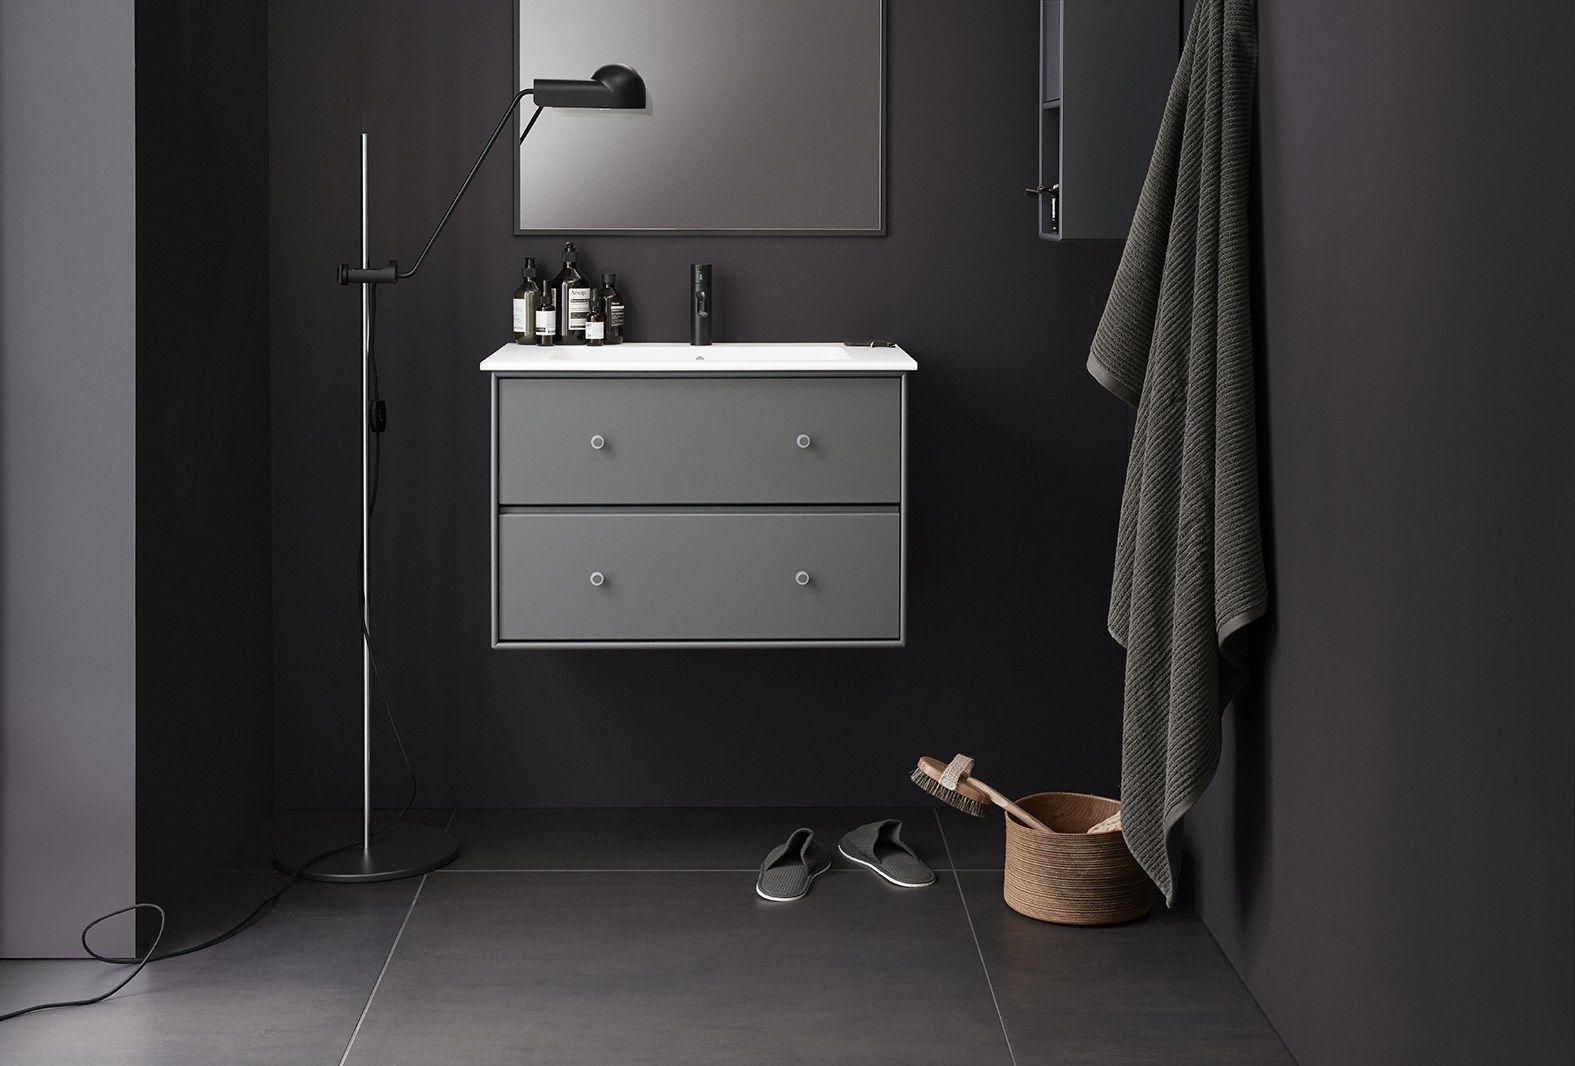 Montana Waschmodul Und Spiegel In Der Farbe Coffee In 2020 Badezimmer Inspiration Badezimmer Waschbecken Einbauwaschbecken